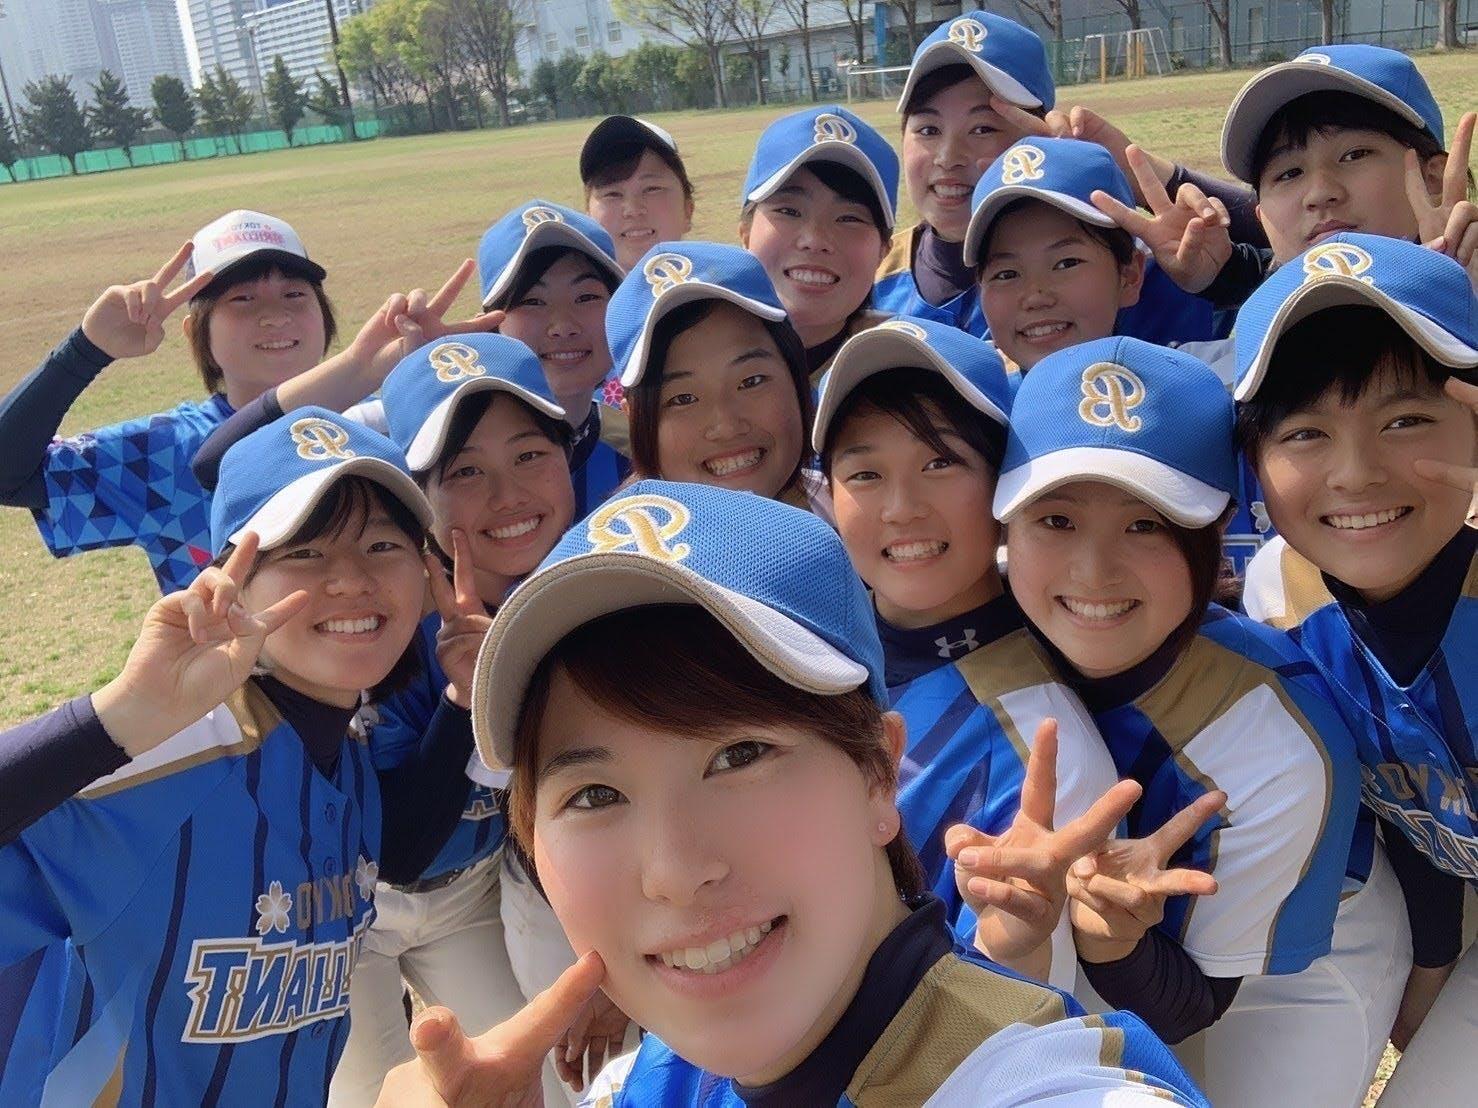 減少 野球 人口 激減する野球人口 高校野球は5年連続で減少→学童野球を改善しないと非常に厳しい。